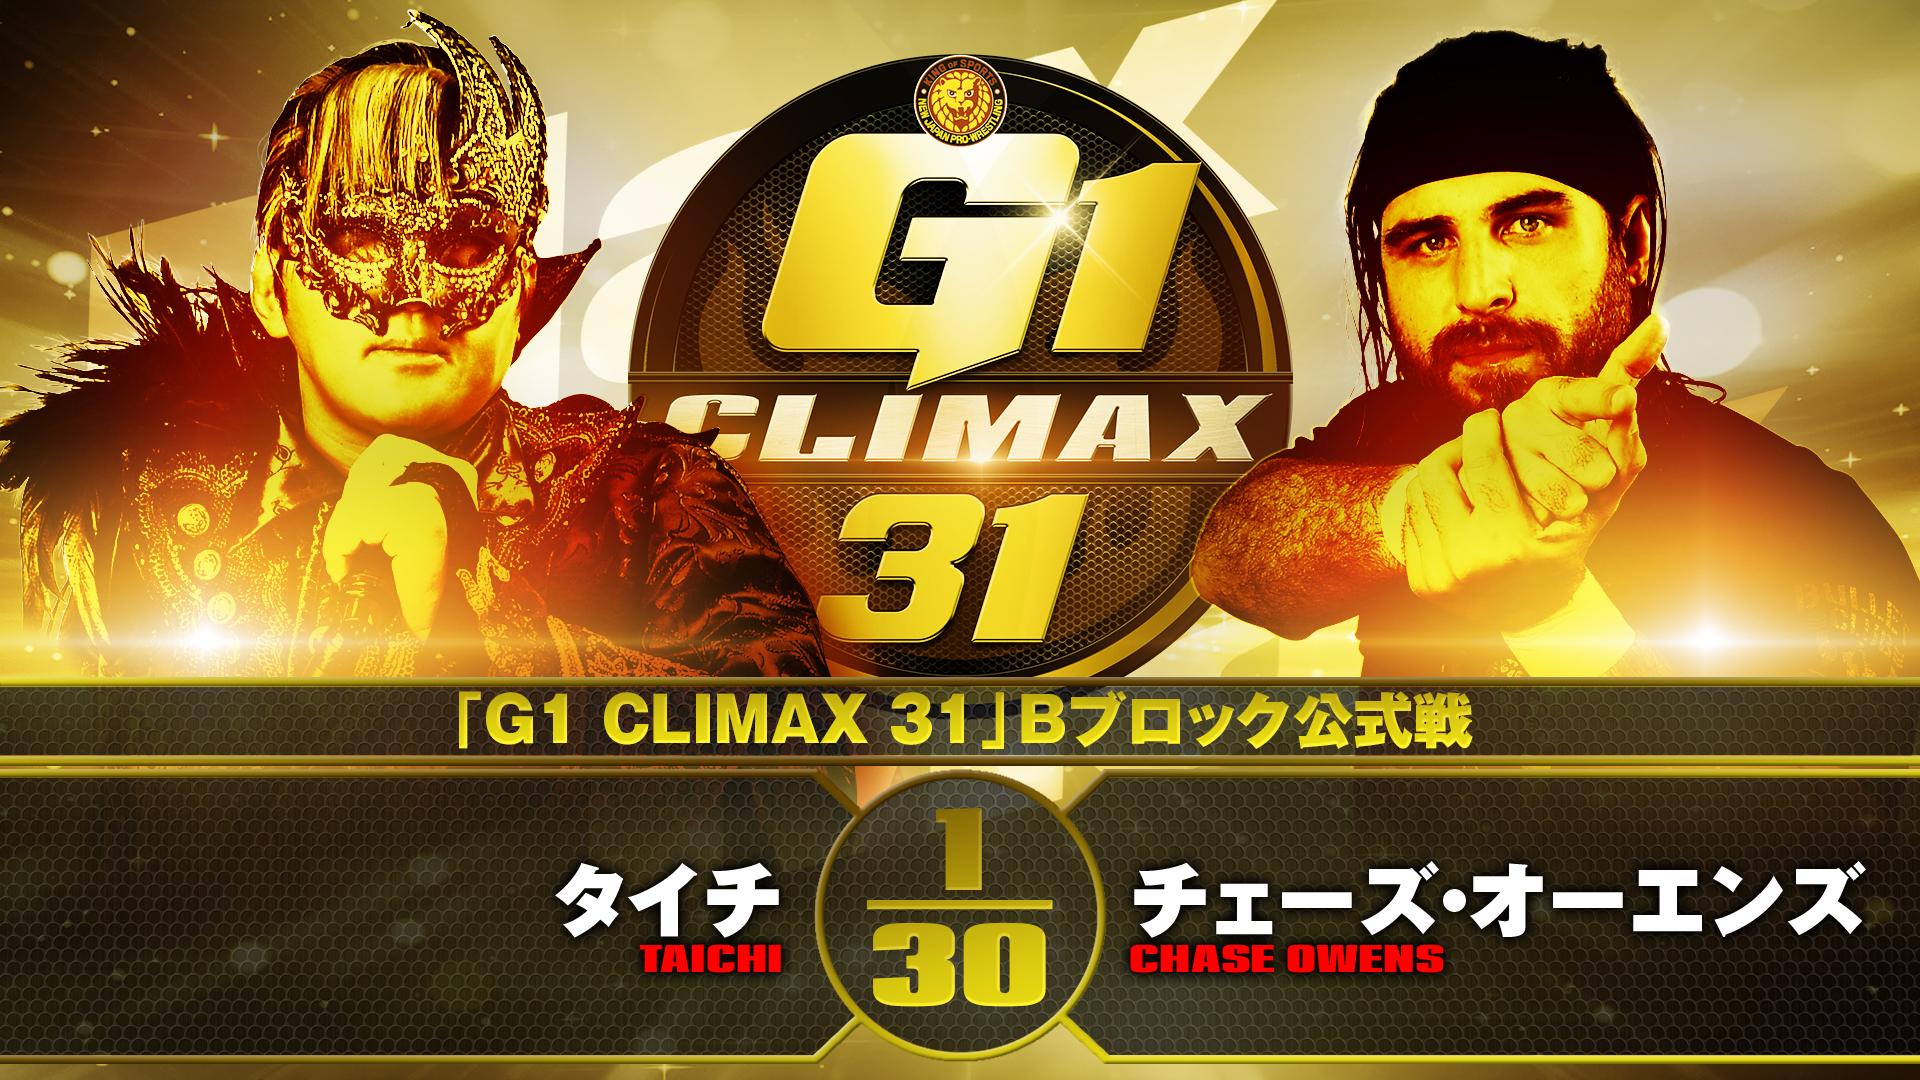 【第2試合】結果速報!新日本プロレス 2021年10月14日『G1 CLIMAX 31』